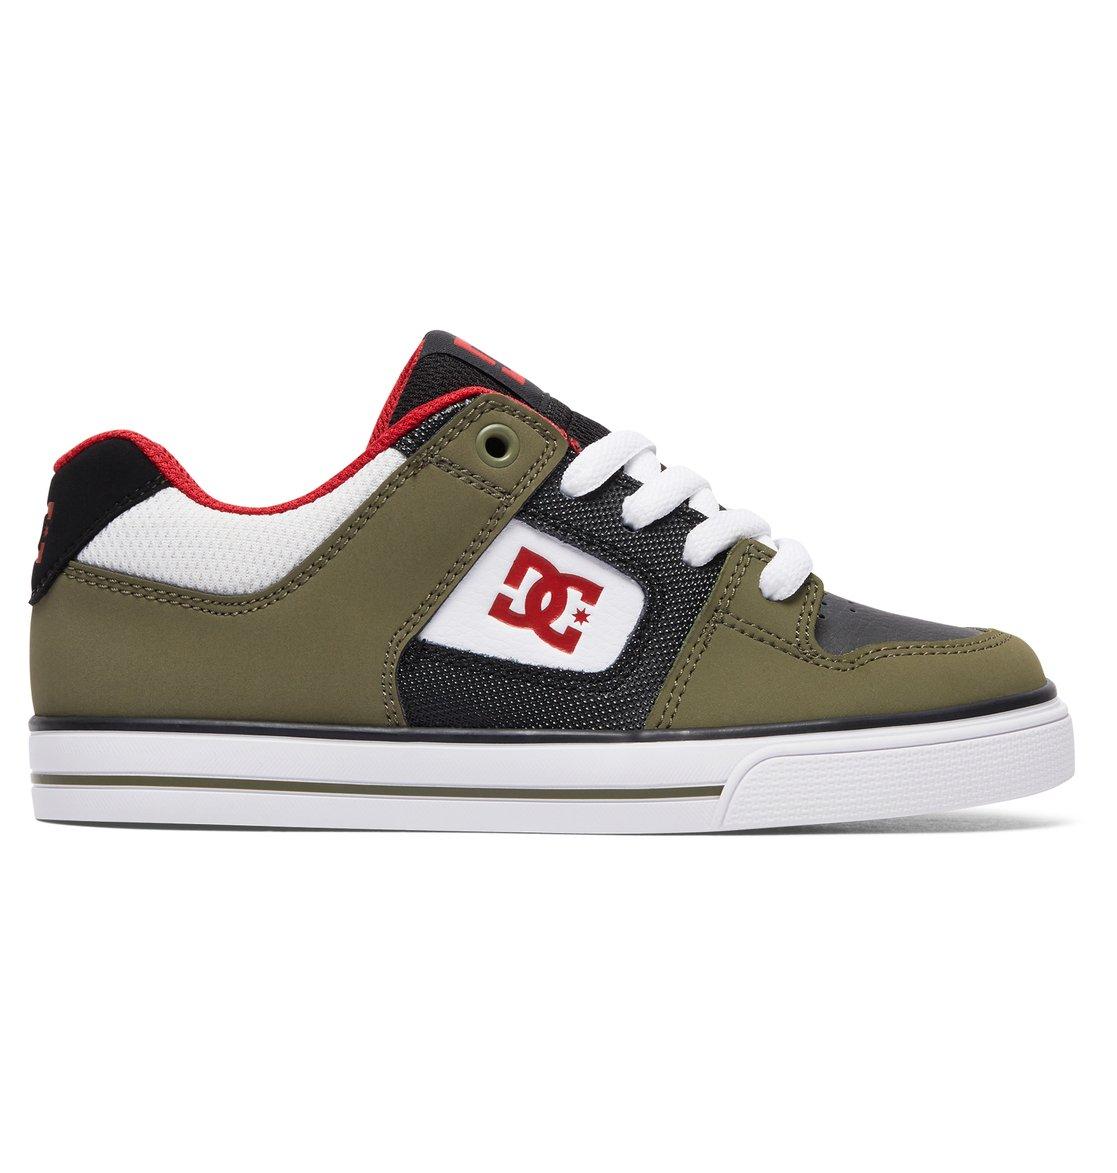 DC Shoes Pure - Shoes - Schuhe - Jungen - EU 37 - Grau